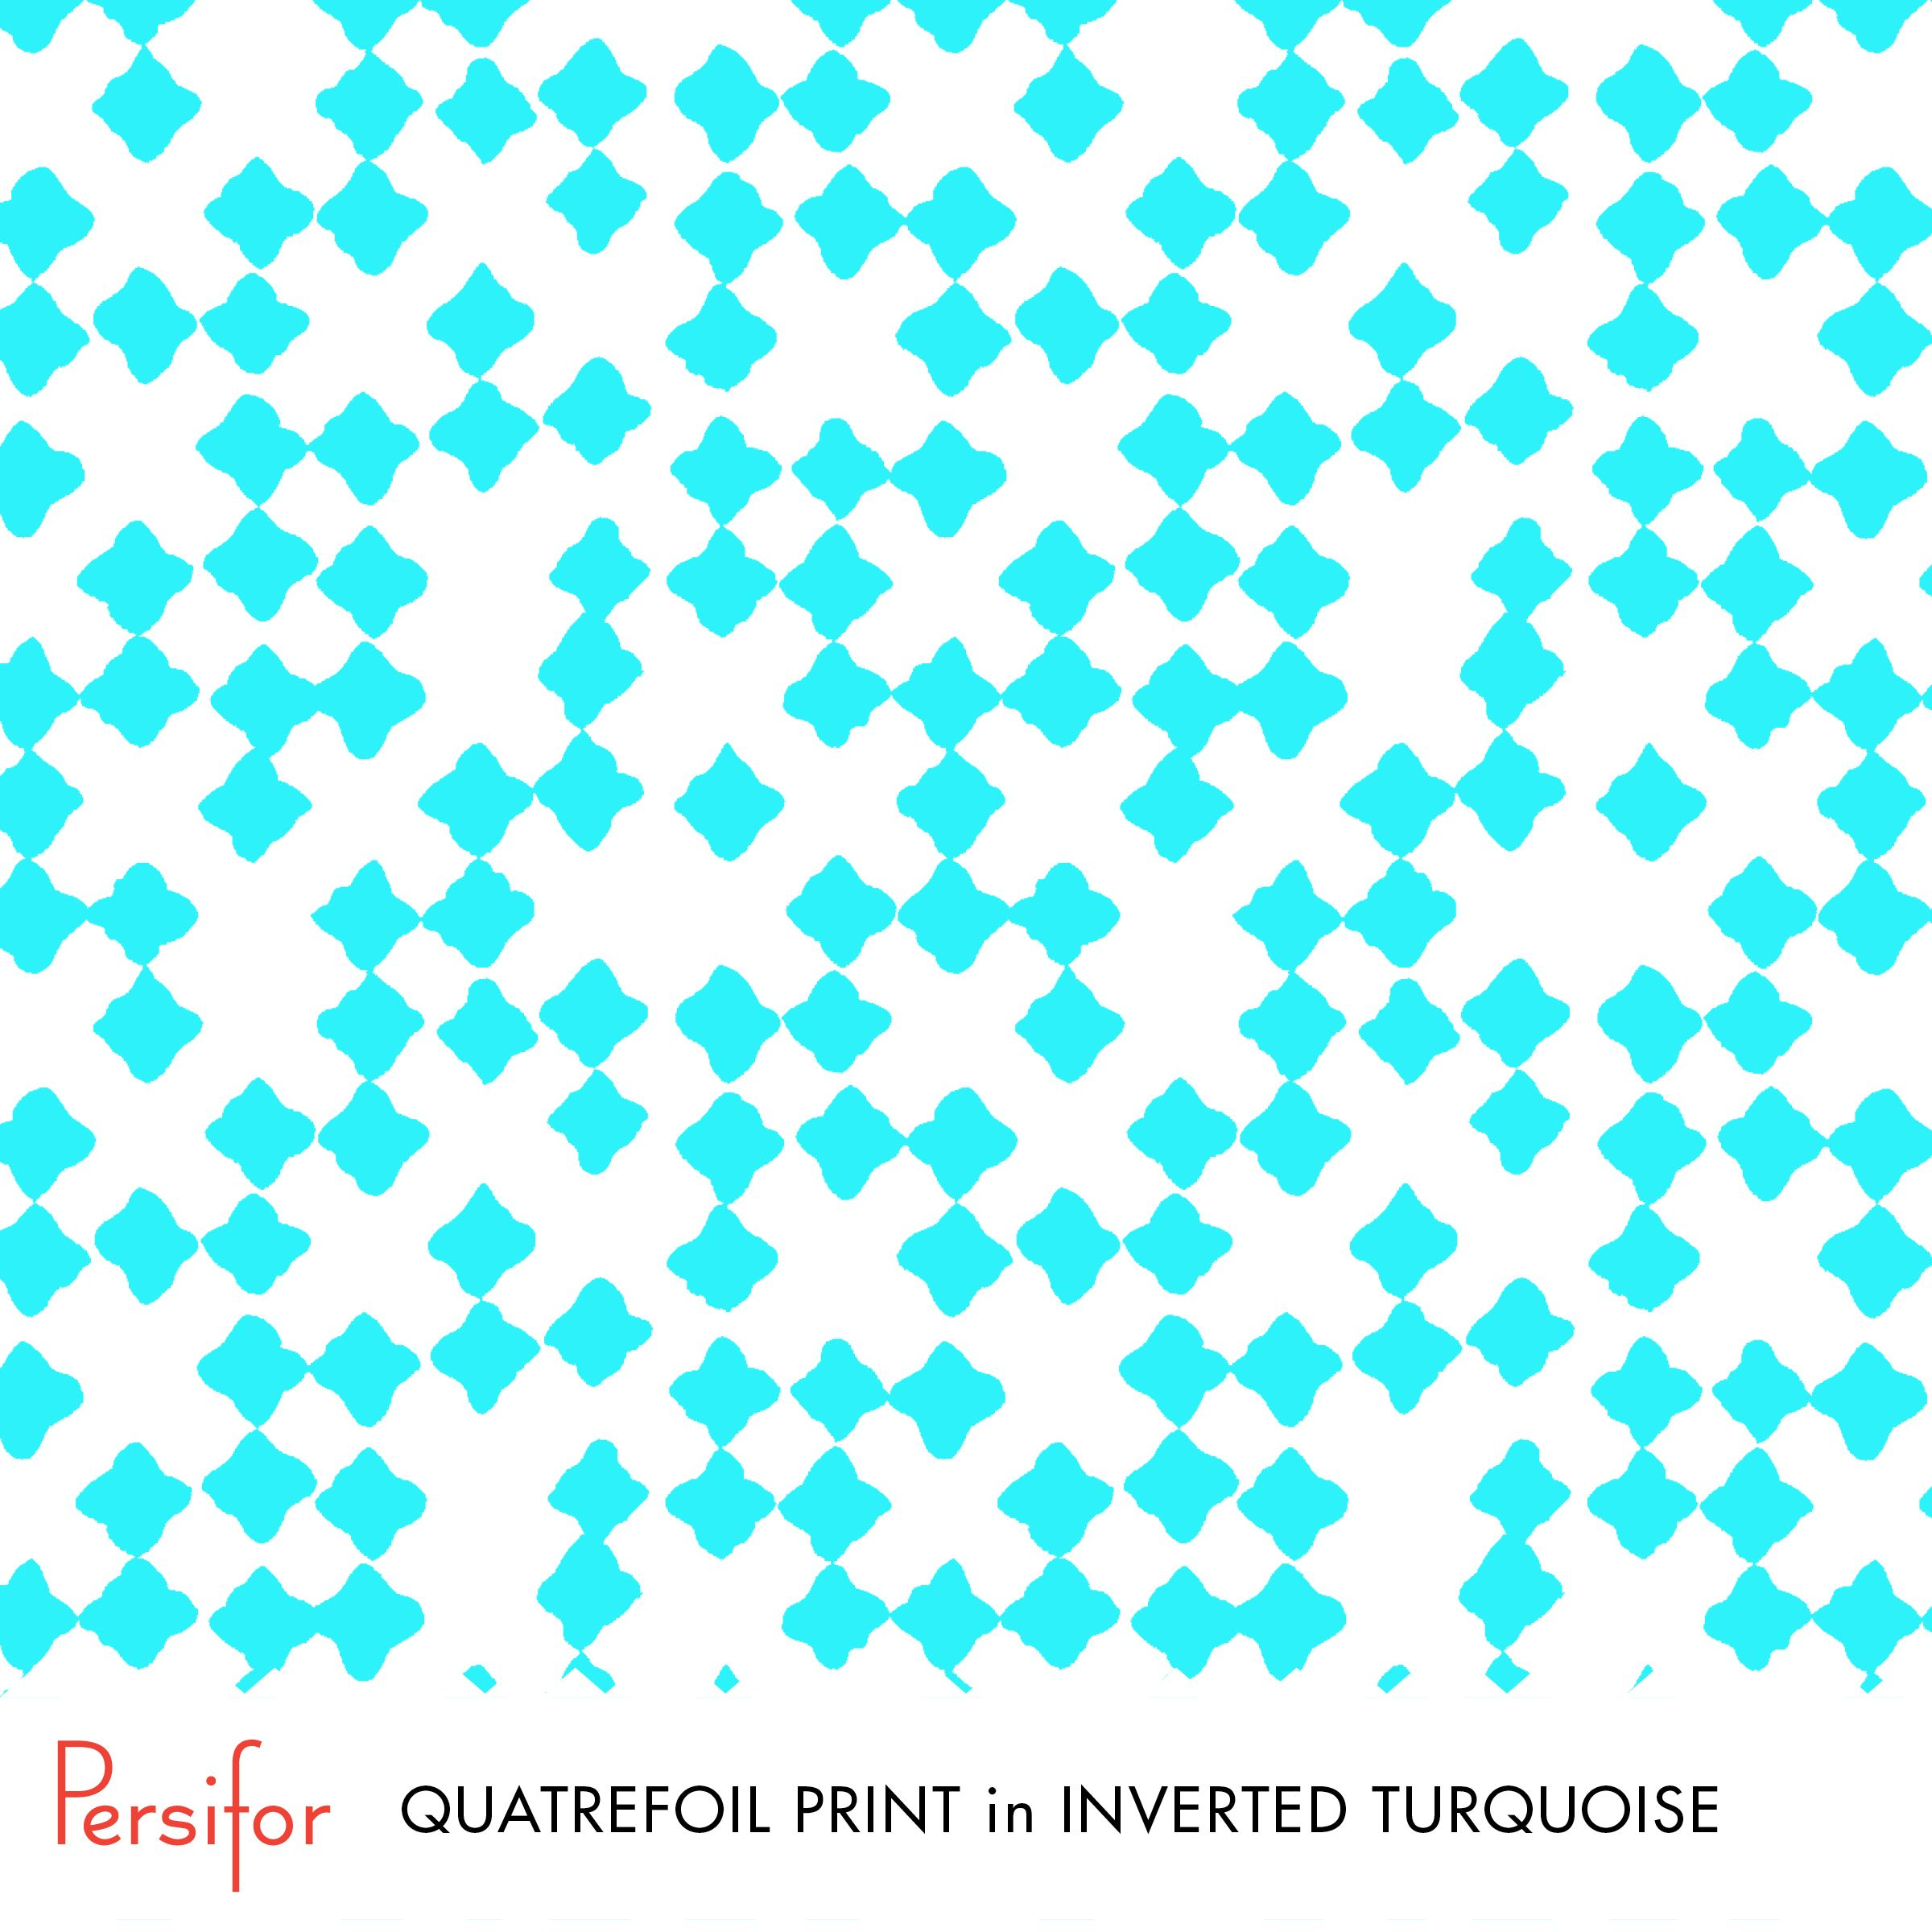 Persifor Quatrefoil Print in Inverted Turquoise. Bright, bold Pantone colors. Unique prints.